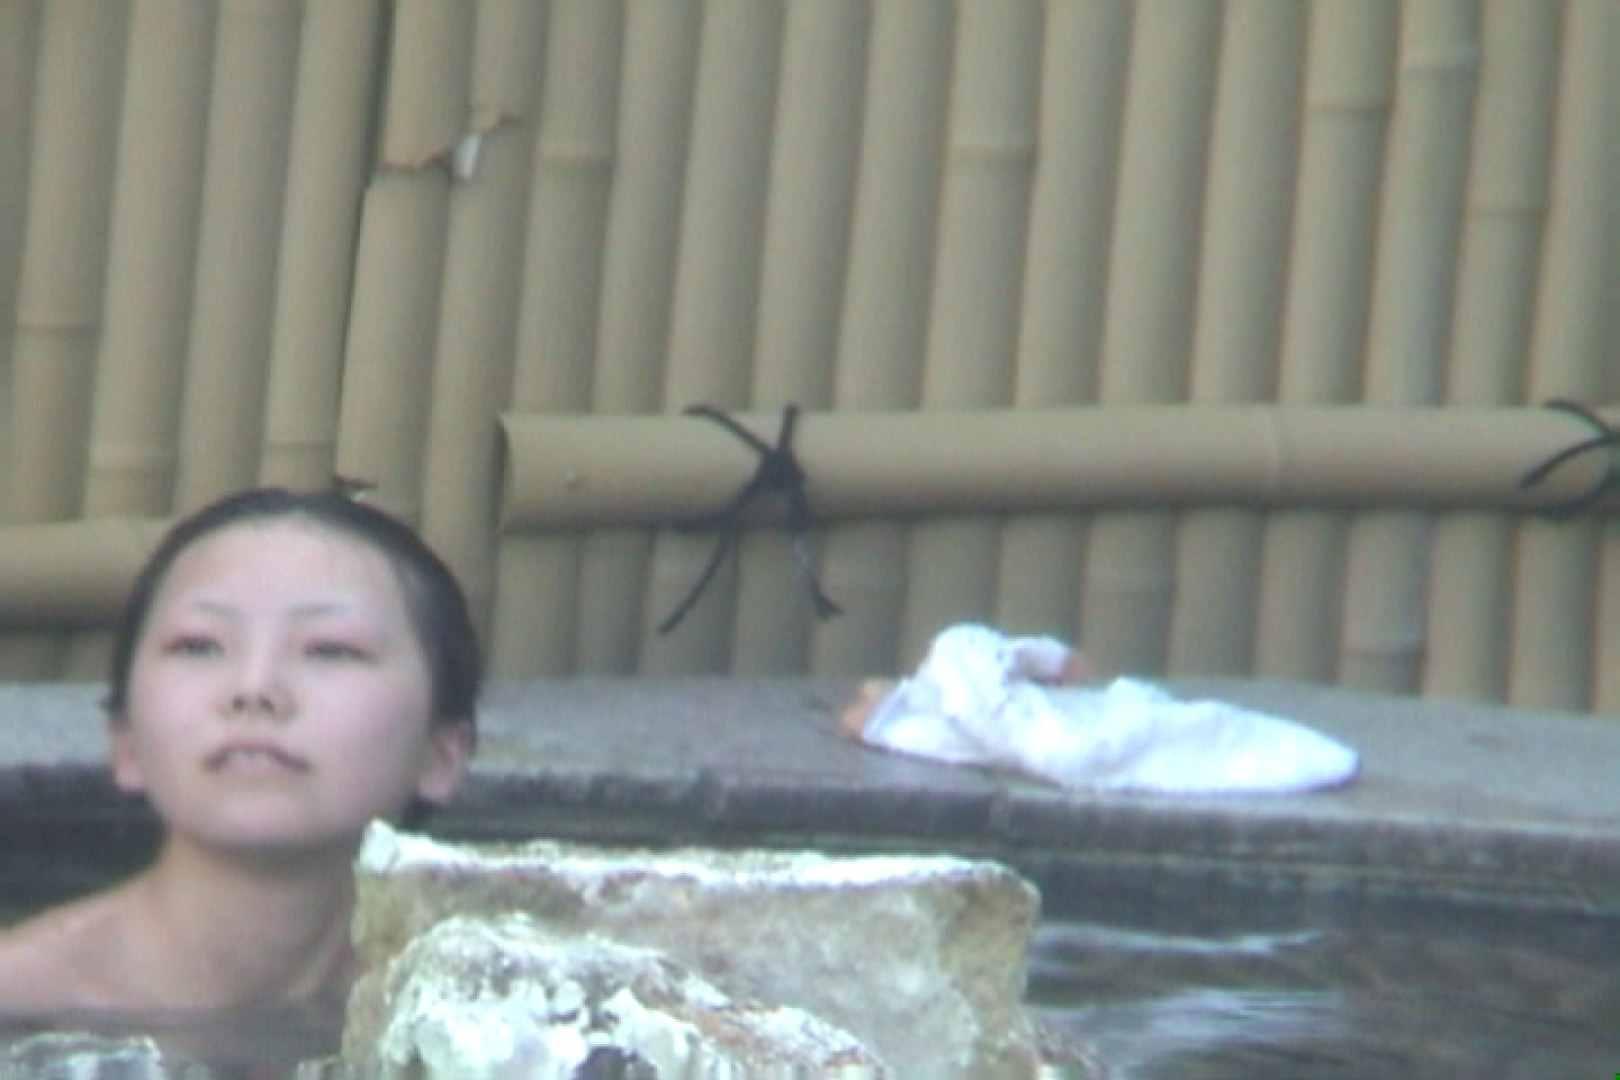 Aquaな露天風呂Vol.572 OLのエロ生活  52連発 45